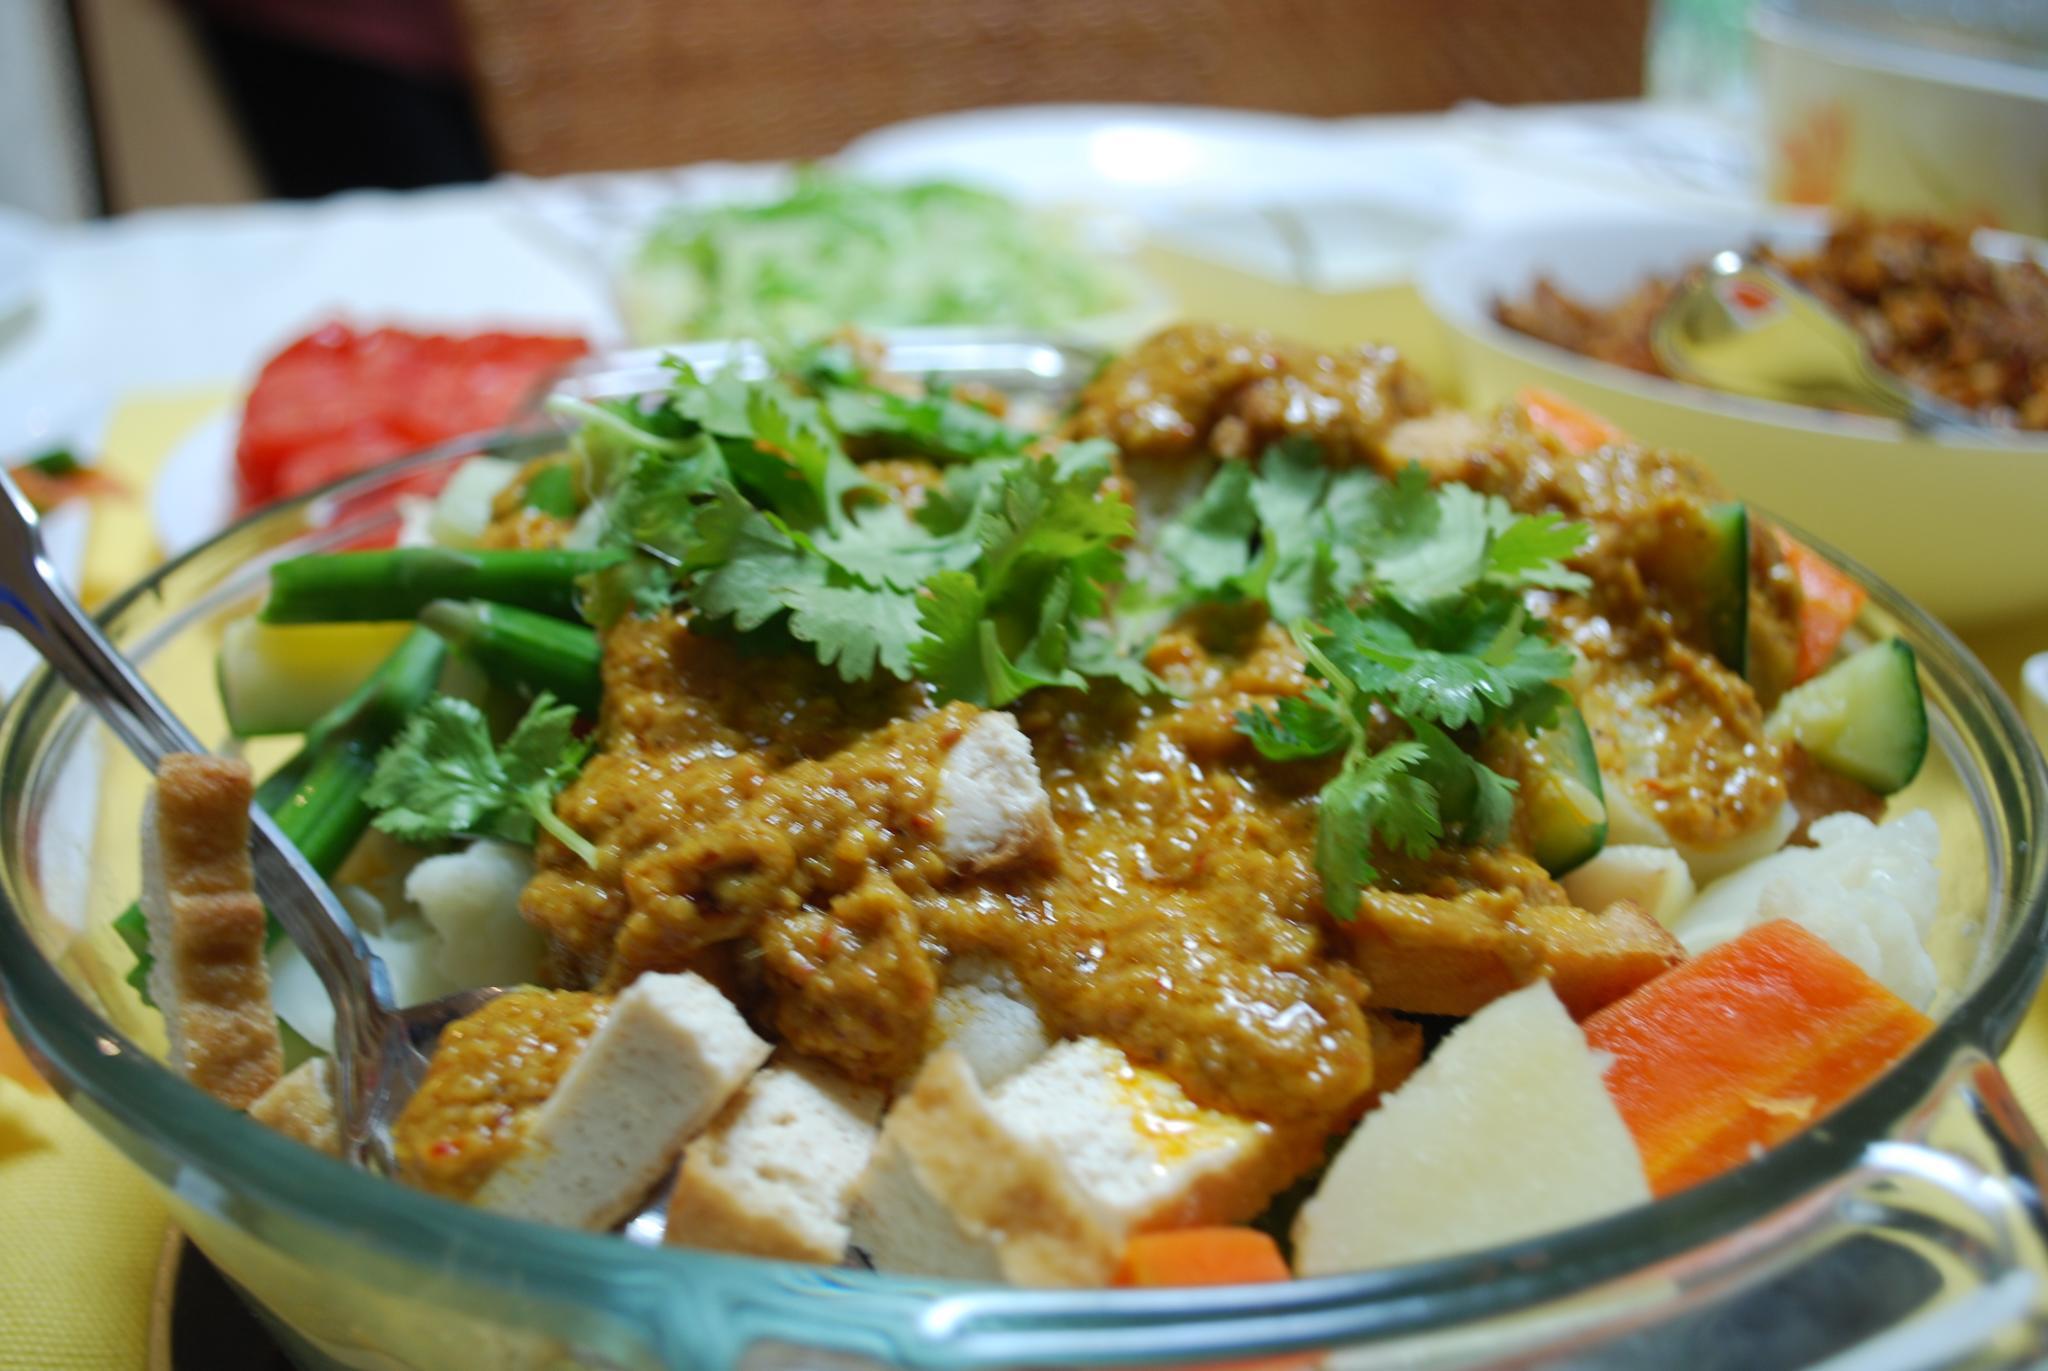 Mukti's Health Food